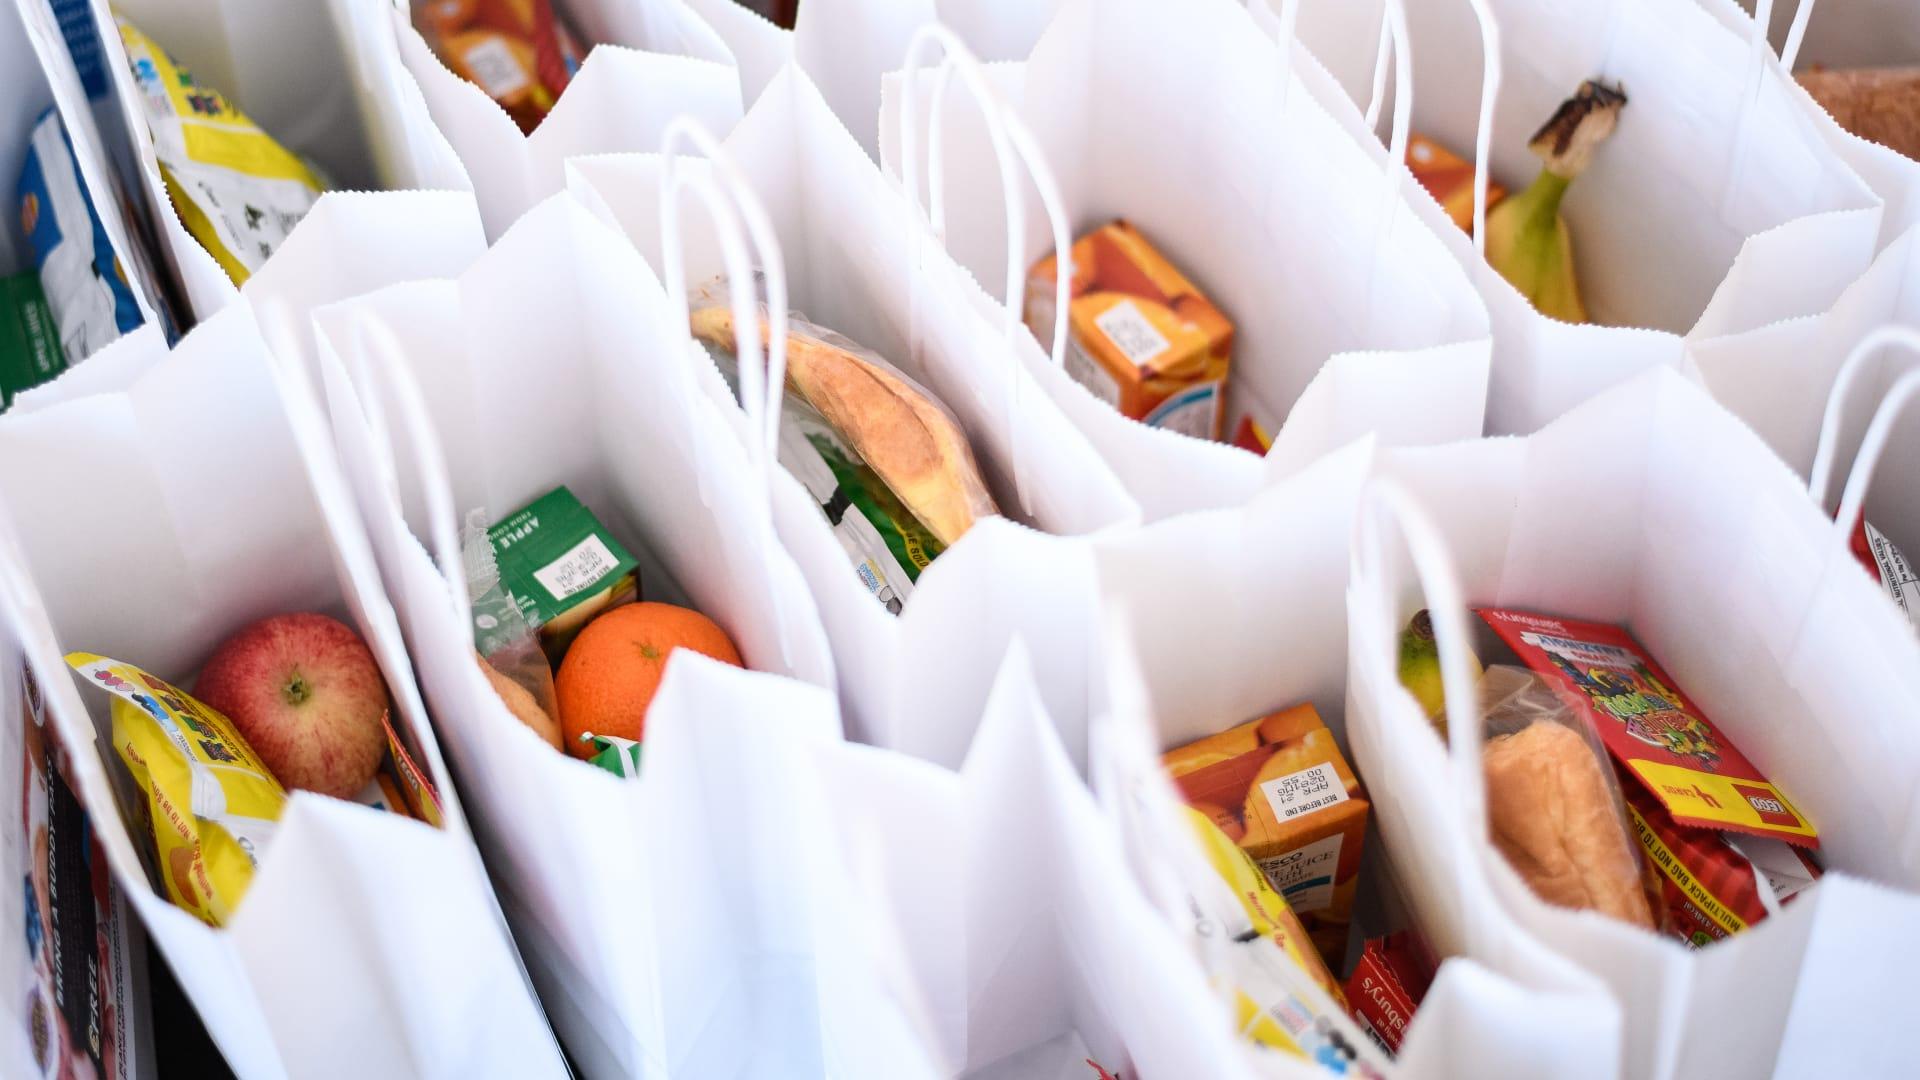 ارتفاع أسعار الأغذية في أغسطس بنسبة %32.9 مقارنة مع ذات الفترة من عام 2020.. إليكم النتائج